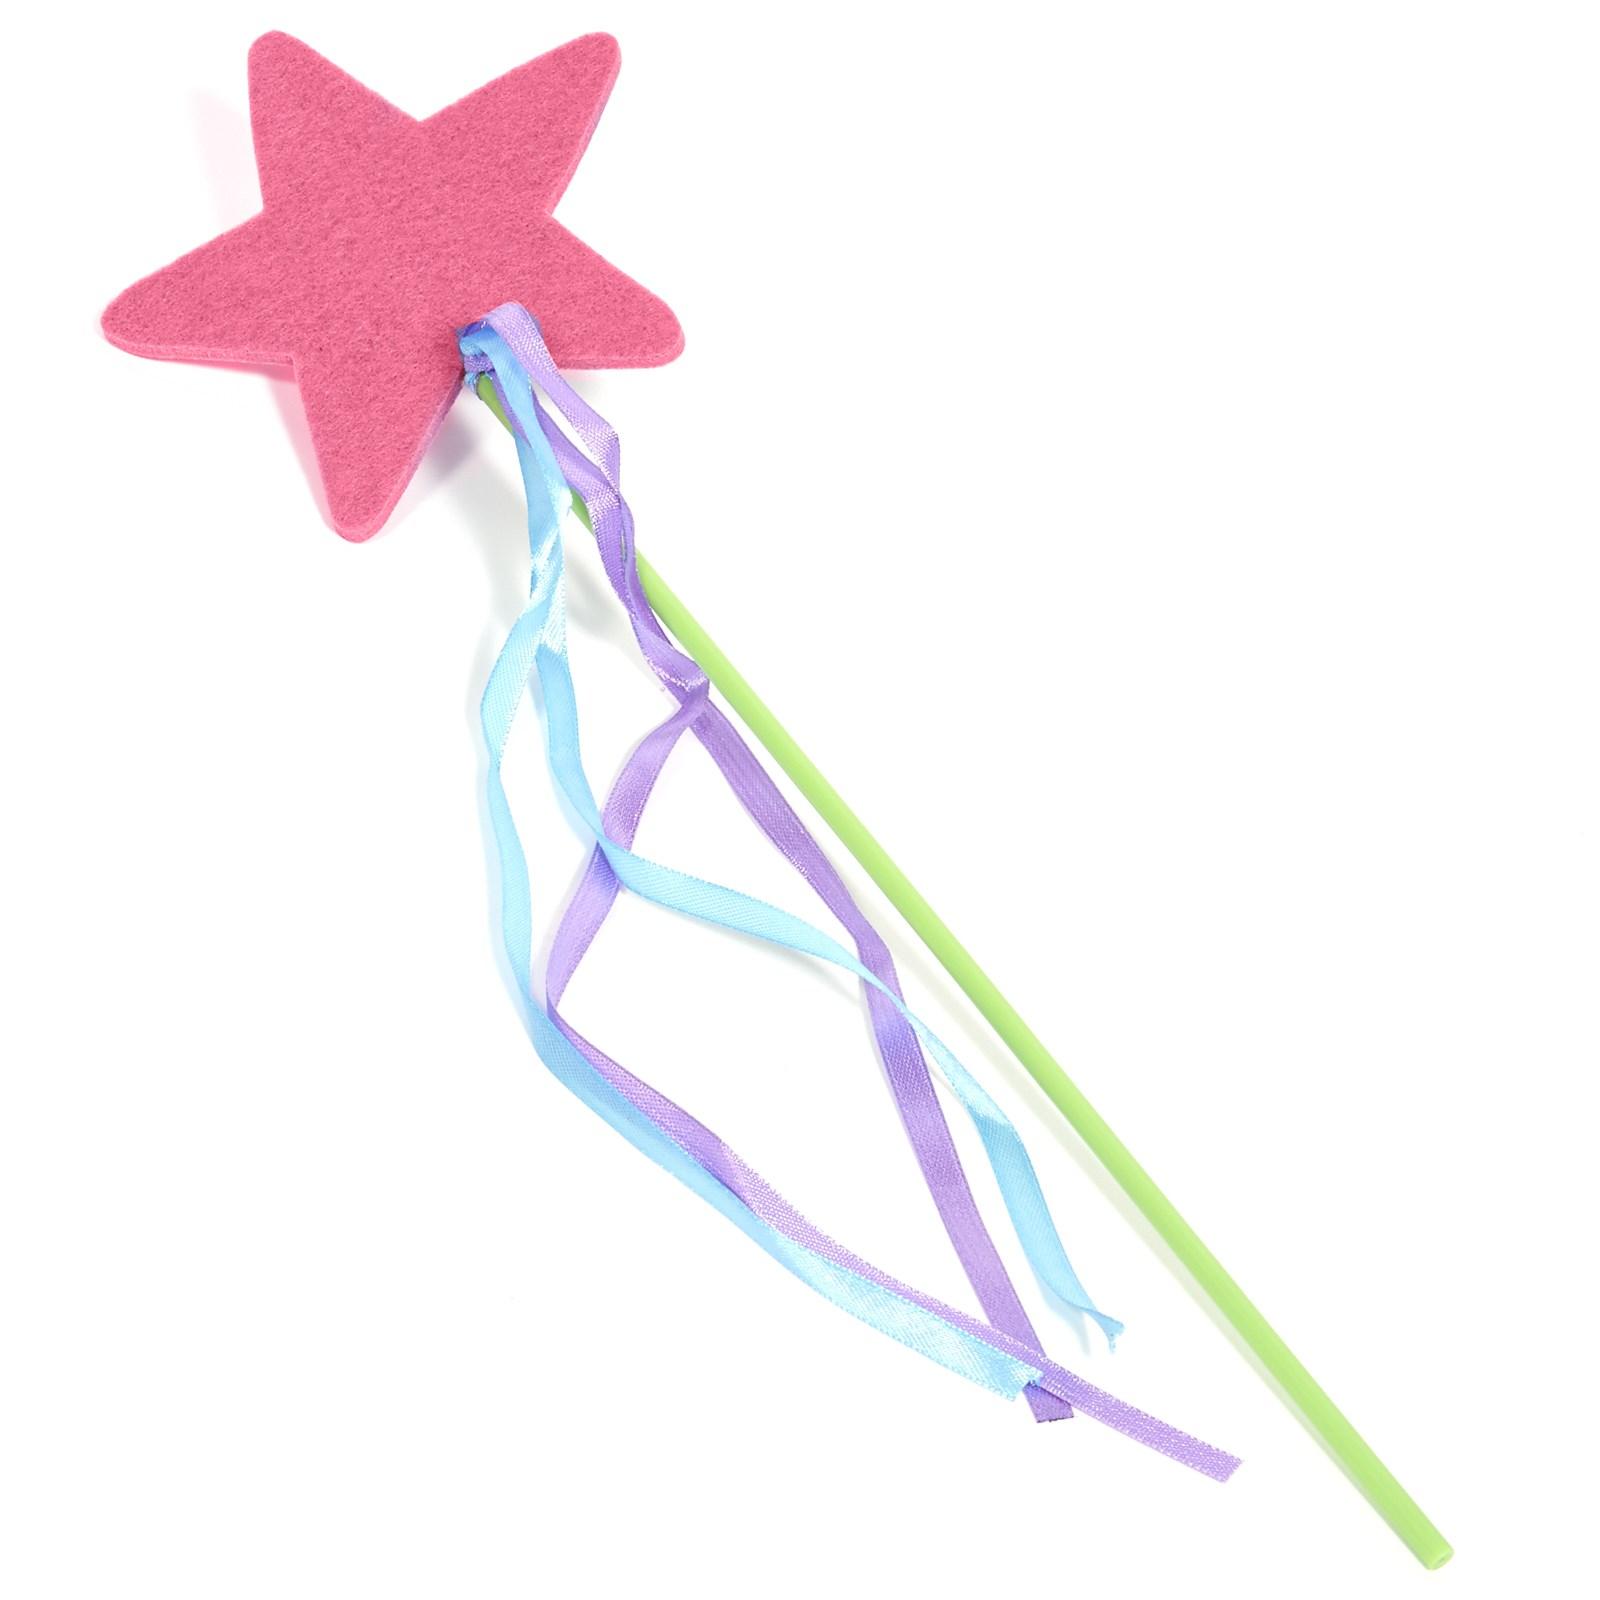 Pink Felt Star Wand